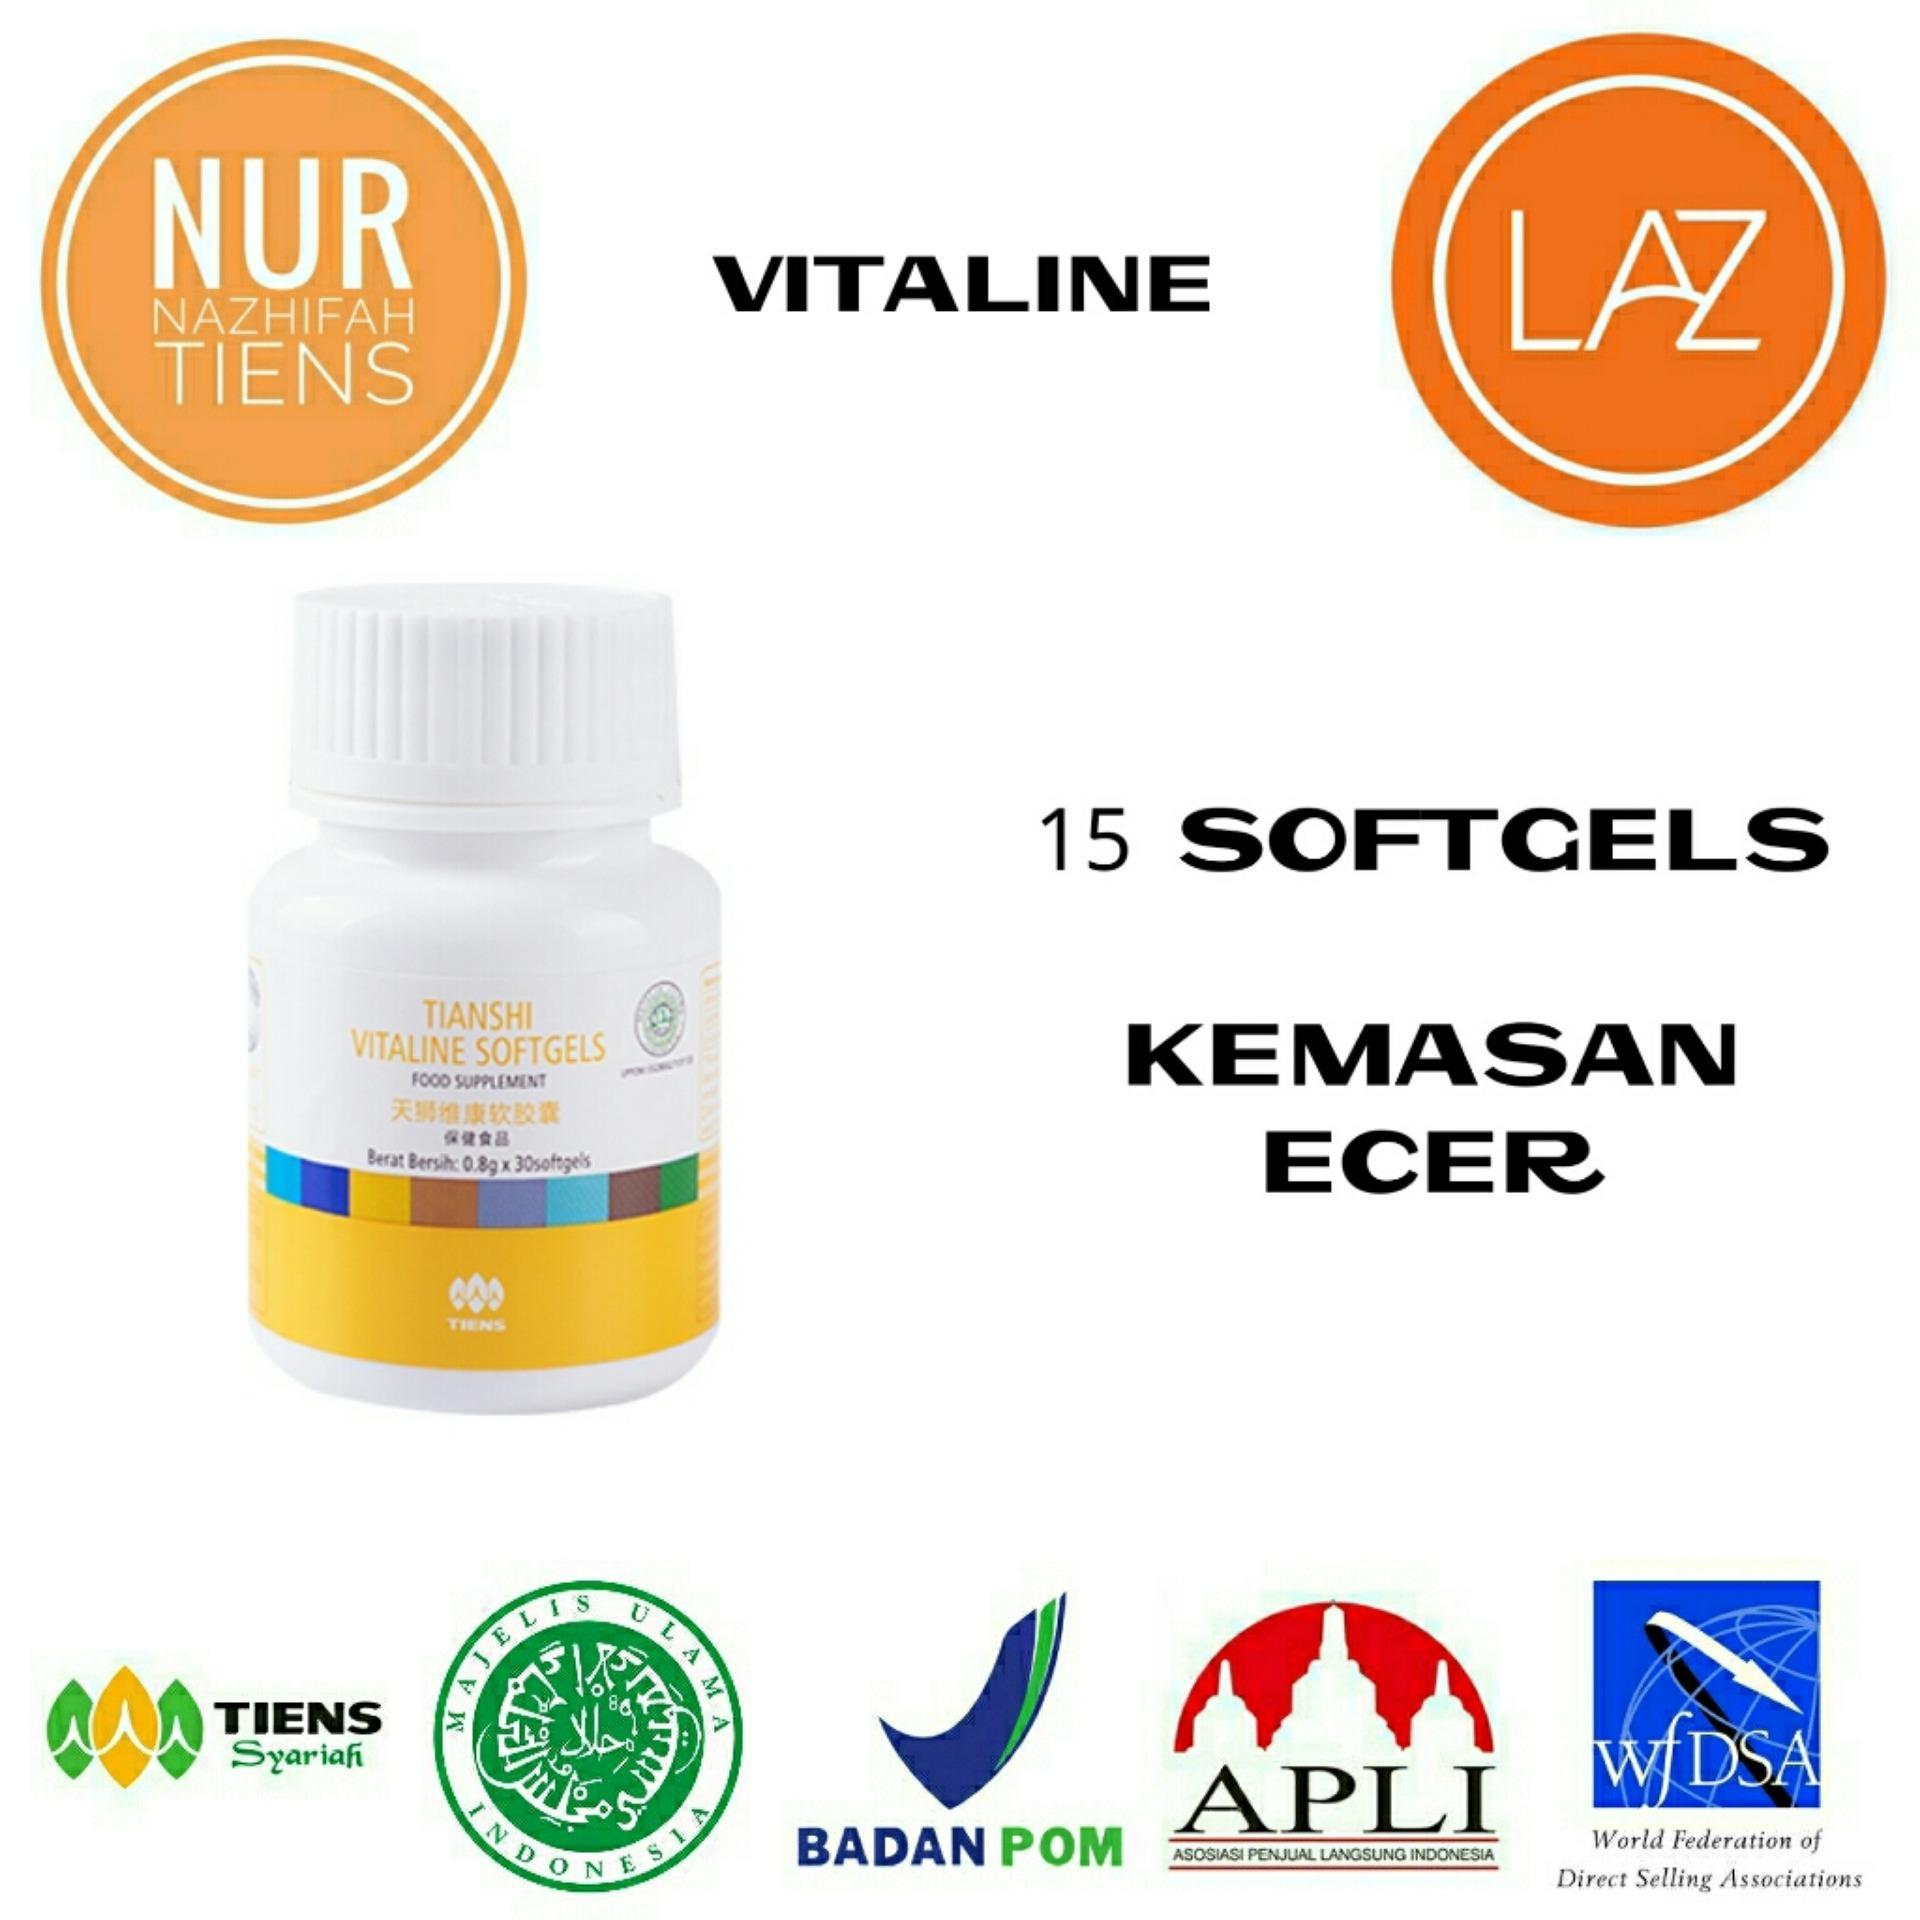 NN Tiens Vitaline Serum Pemutih Wajah & Nutrisi Pemutih Kulit Seluruh Tubuh Herbal Alami - Promo 15 Softgels